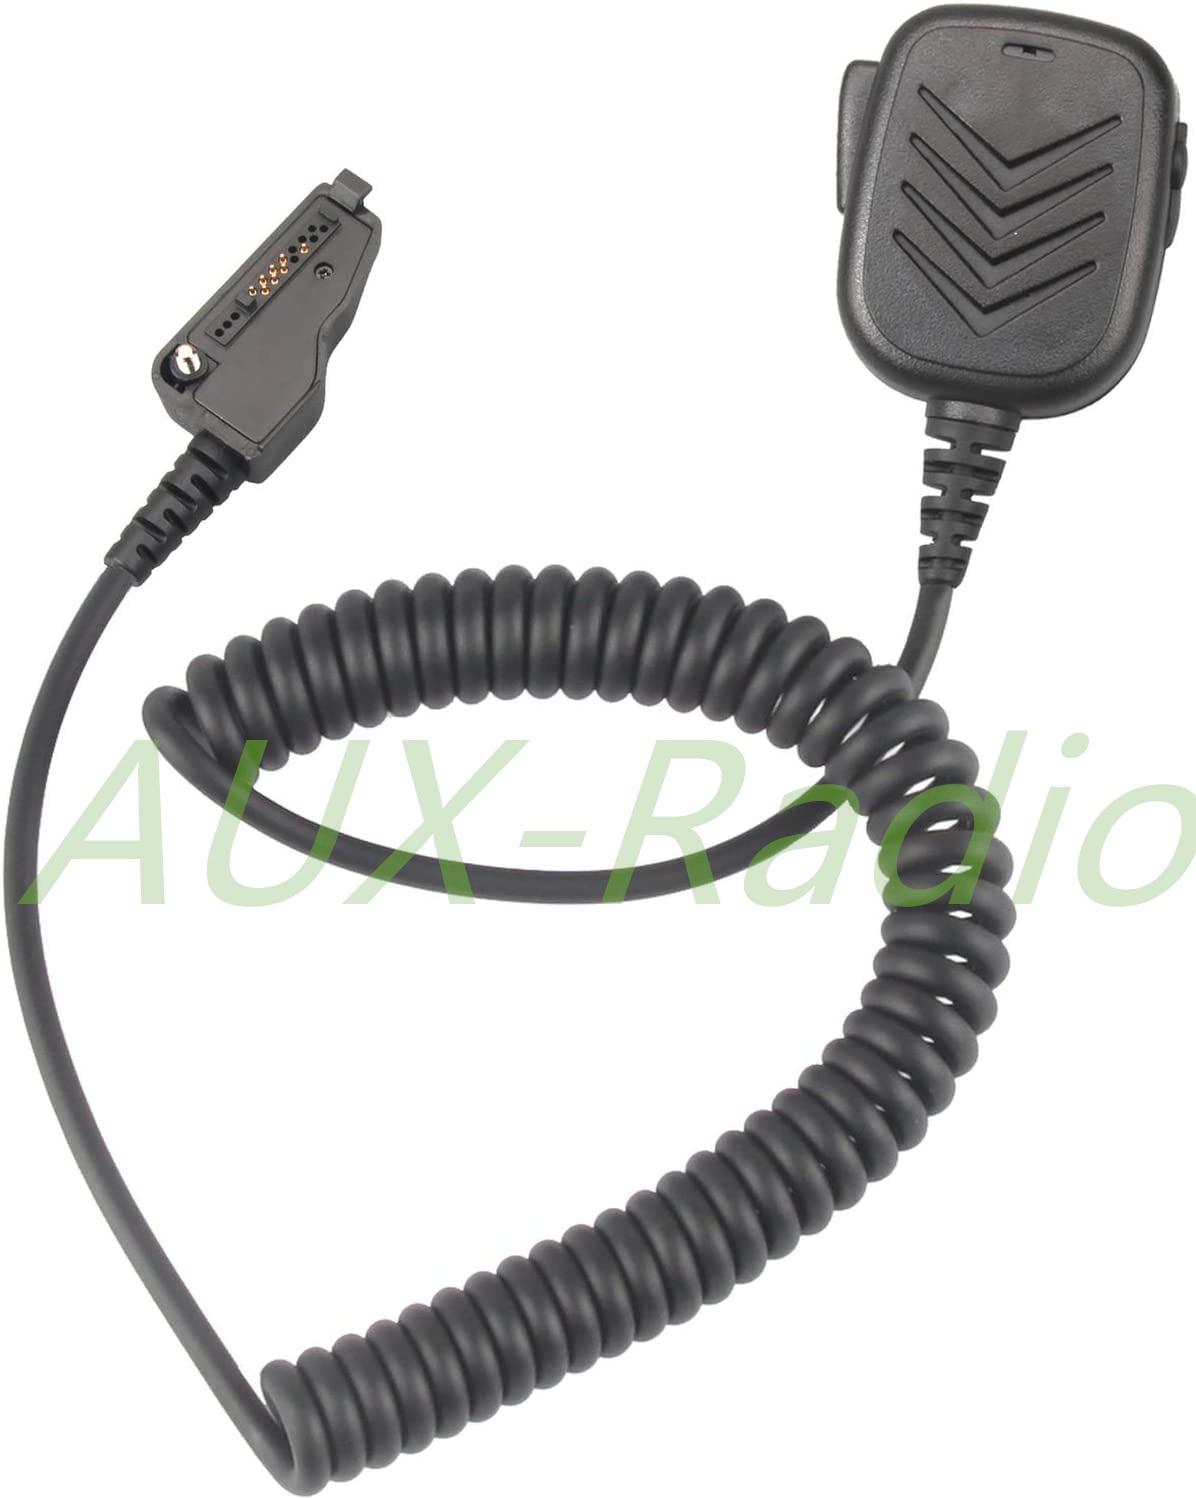 Динамик микрофон с армированный кабель для Kenwood радио NX-200 NX-210 NX-300 NX-3200 NX-3300 NX-410 NX-411 NX-5200 NX-5300 NX-5400